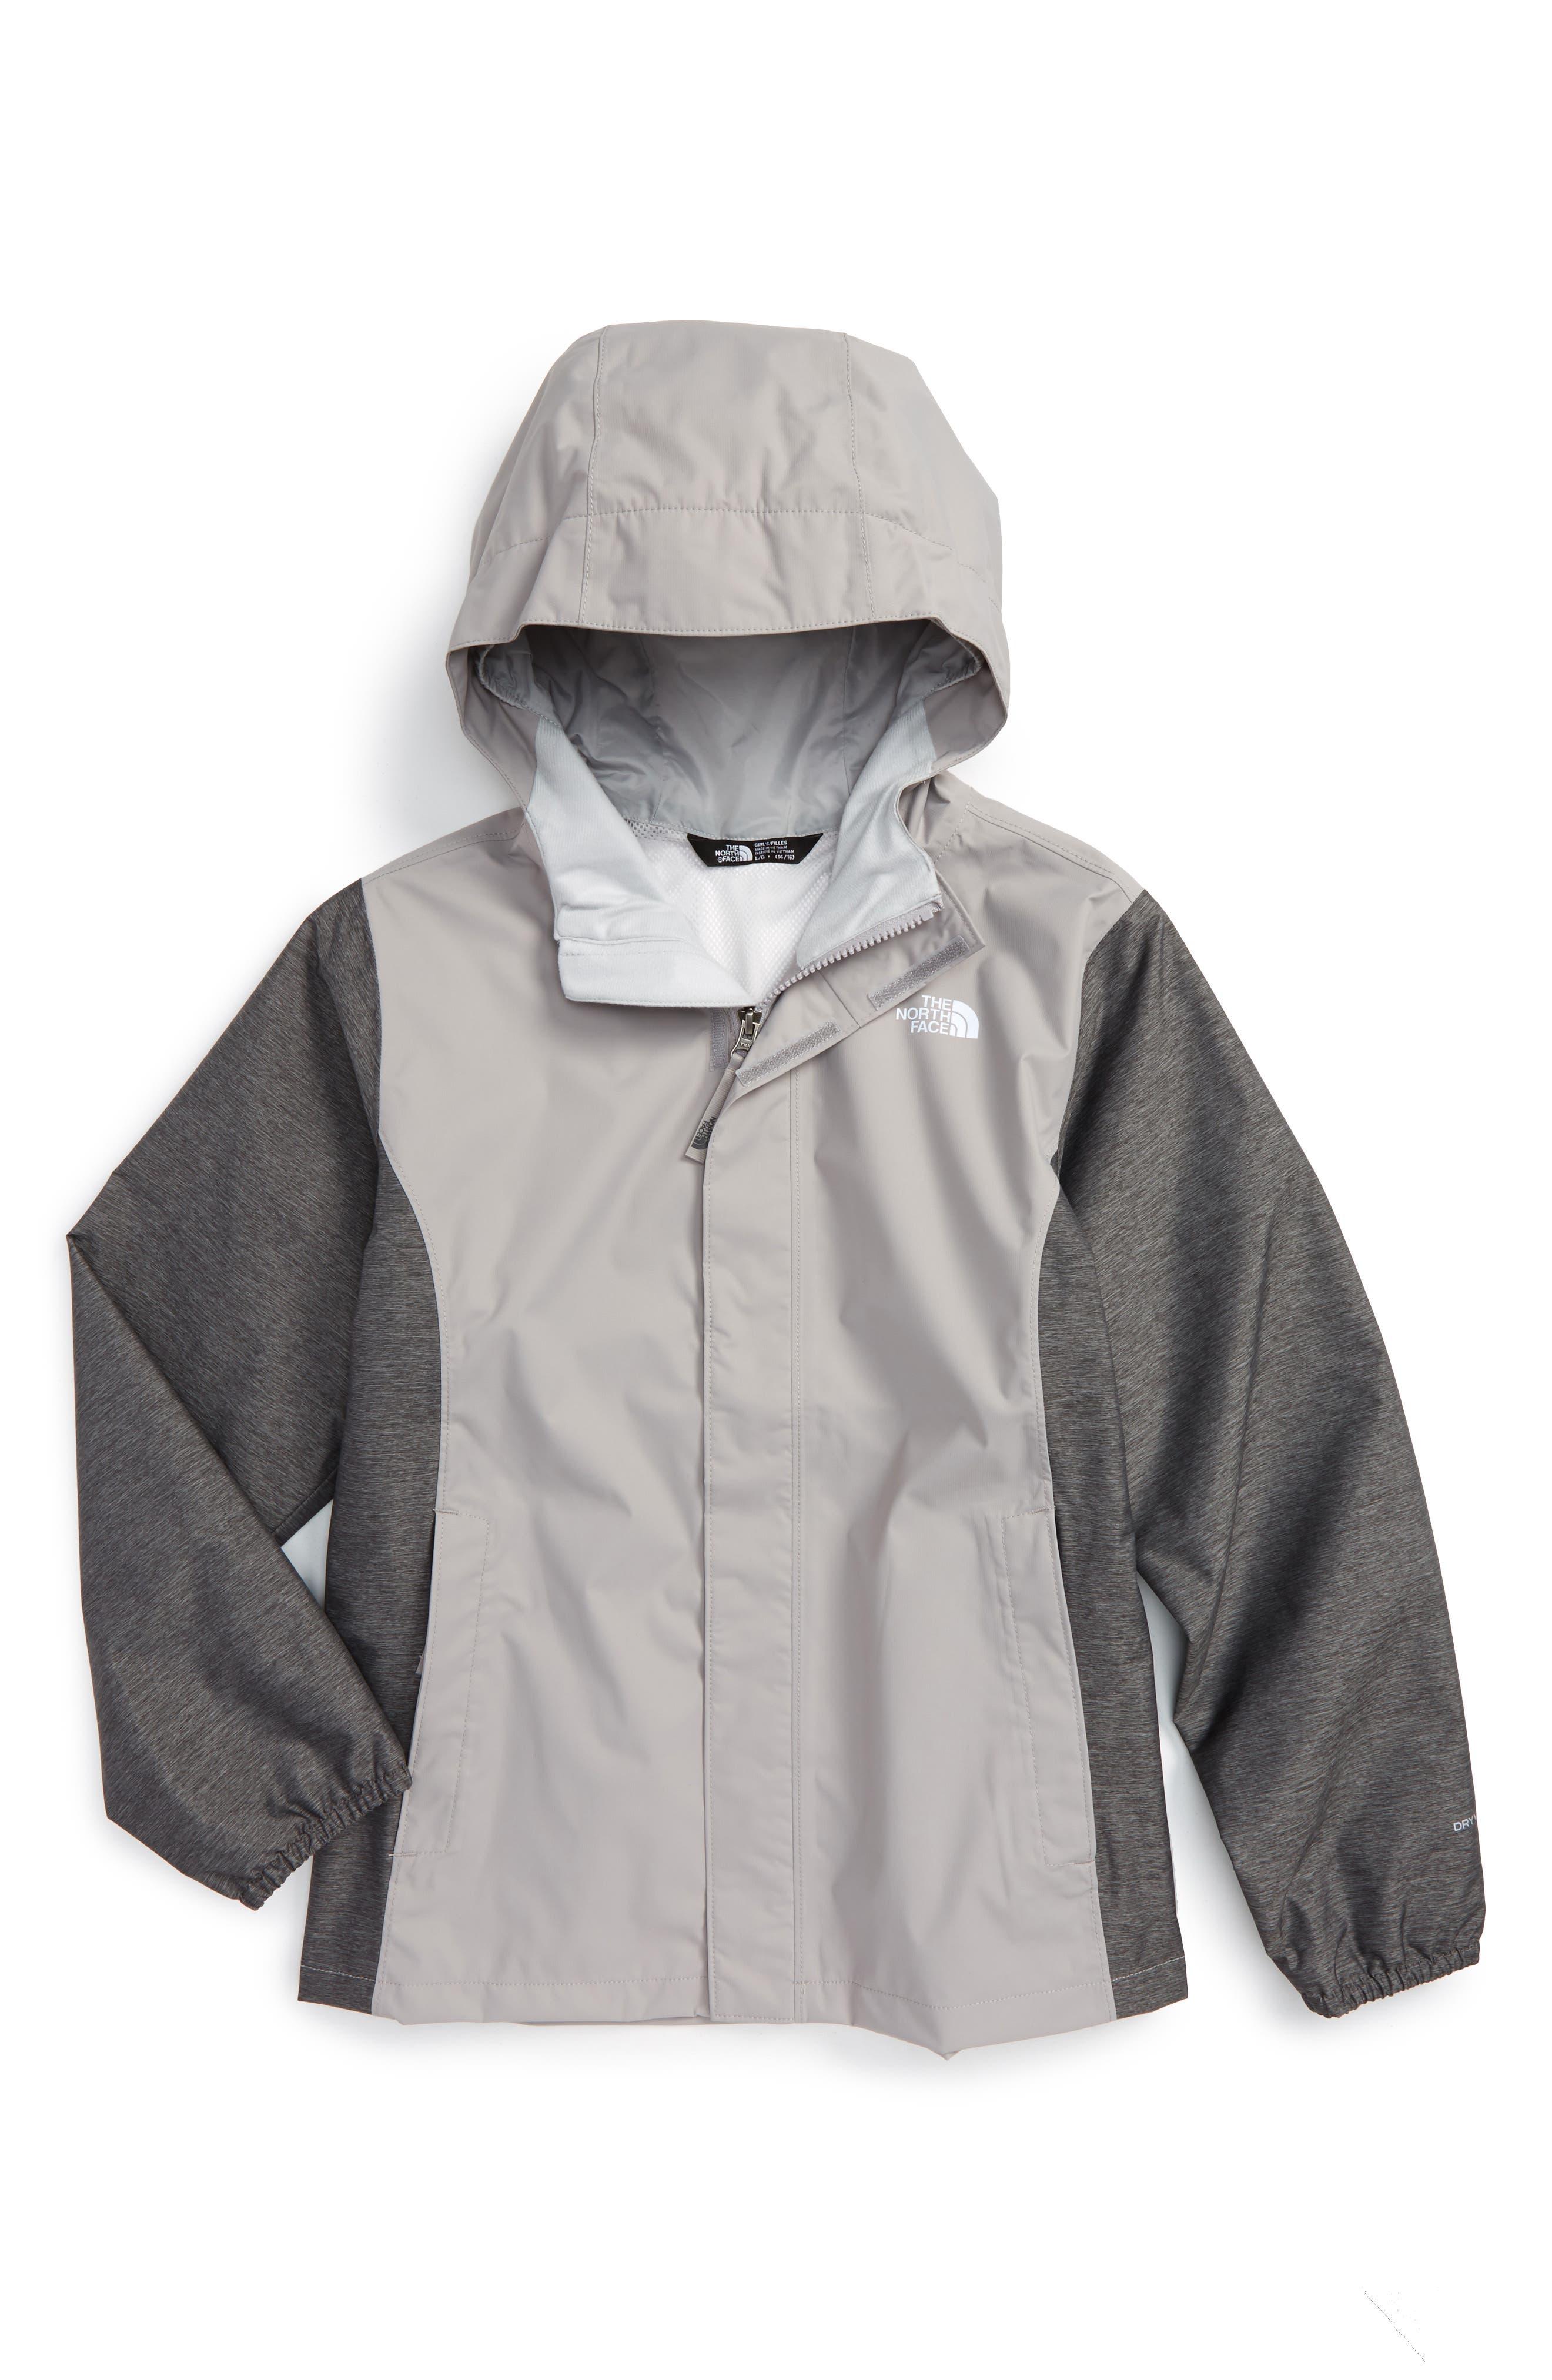 'Resolve' Reflective Waterproof Jacket,                             Main thumbnail 1, color,                             021